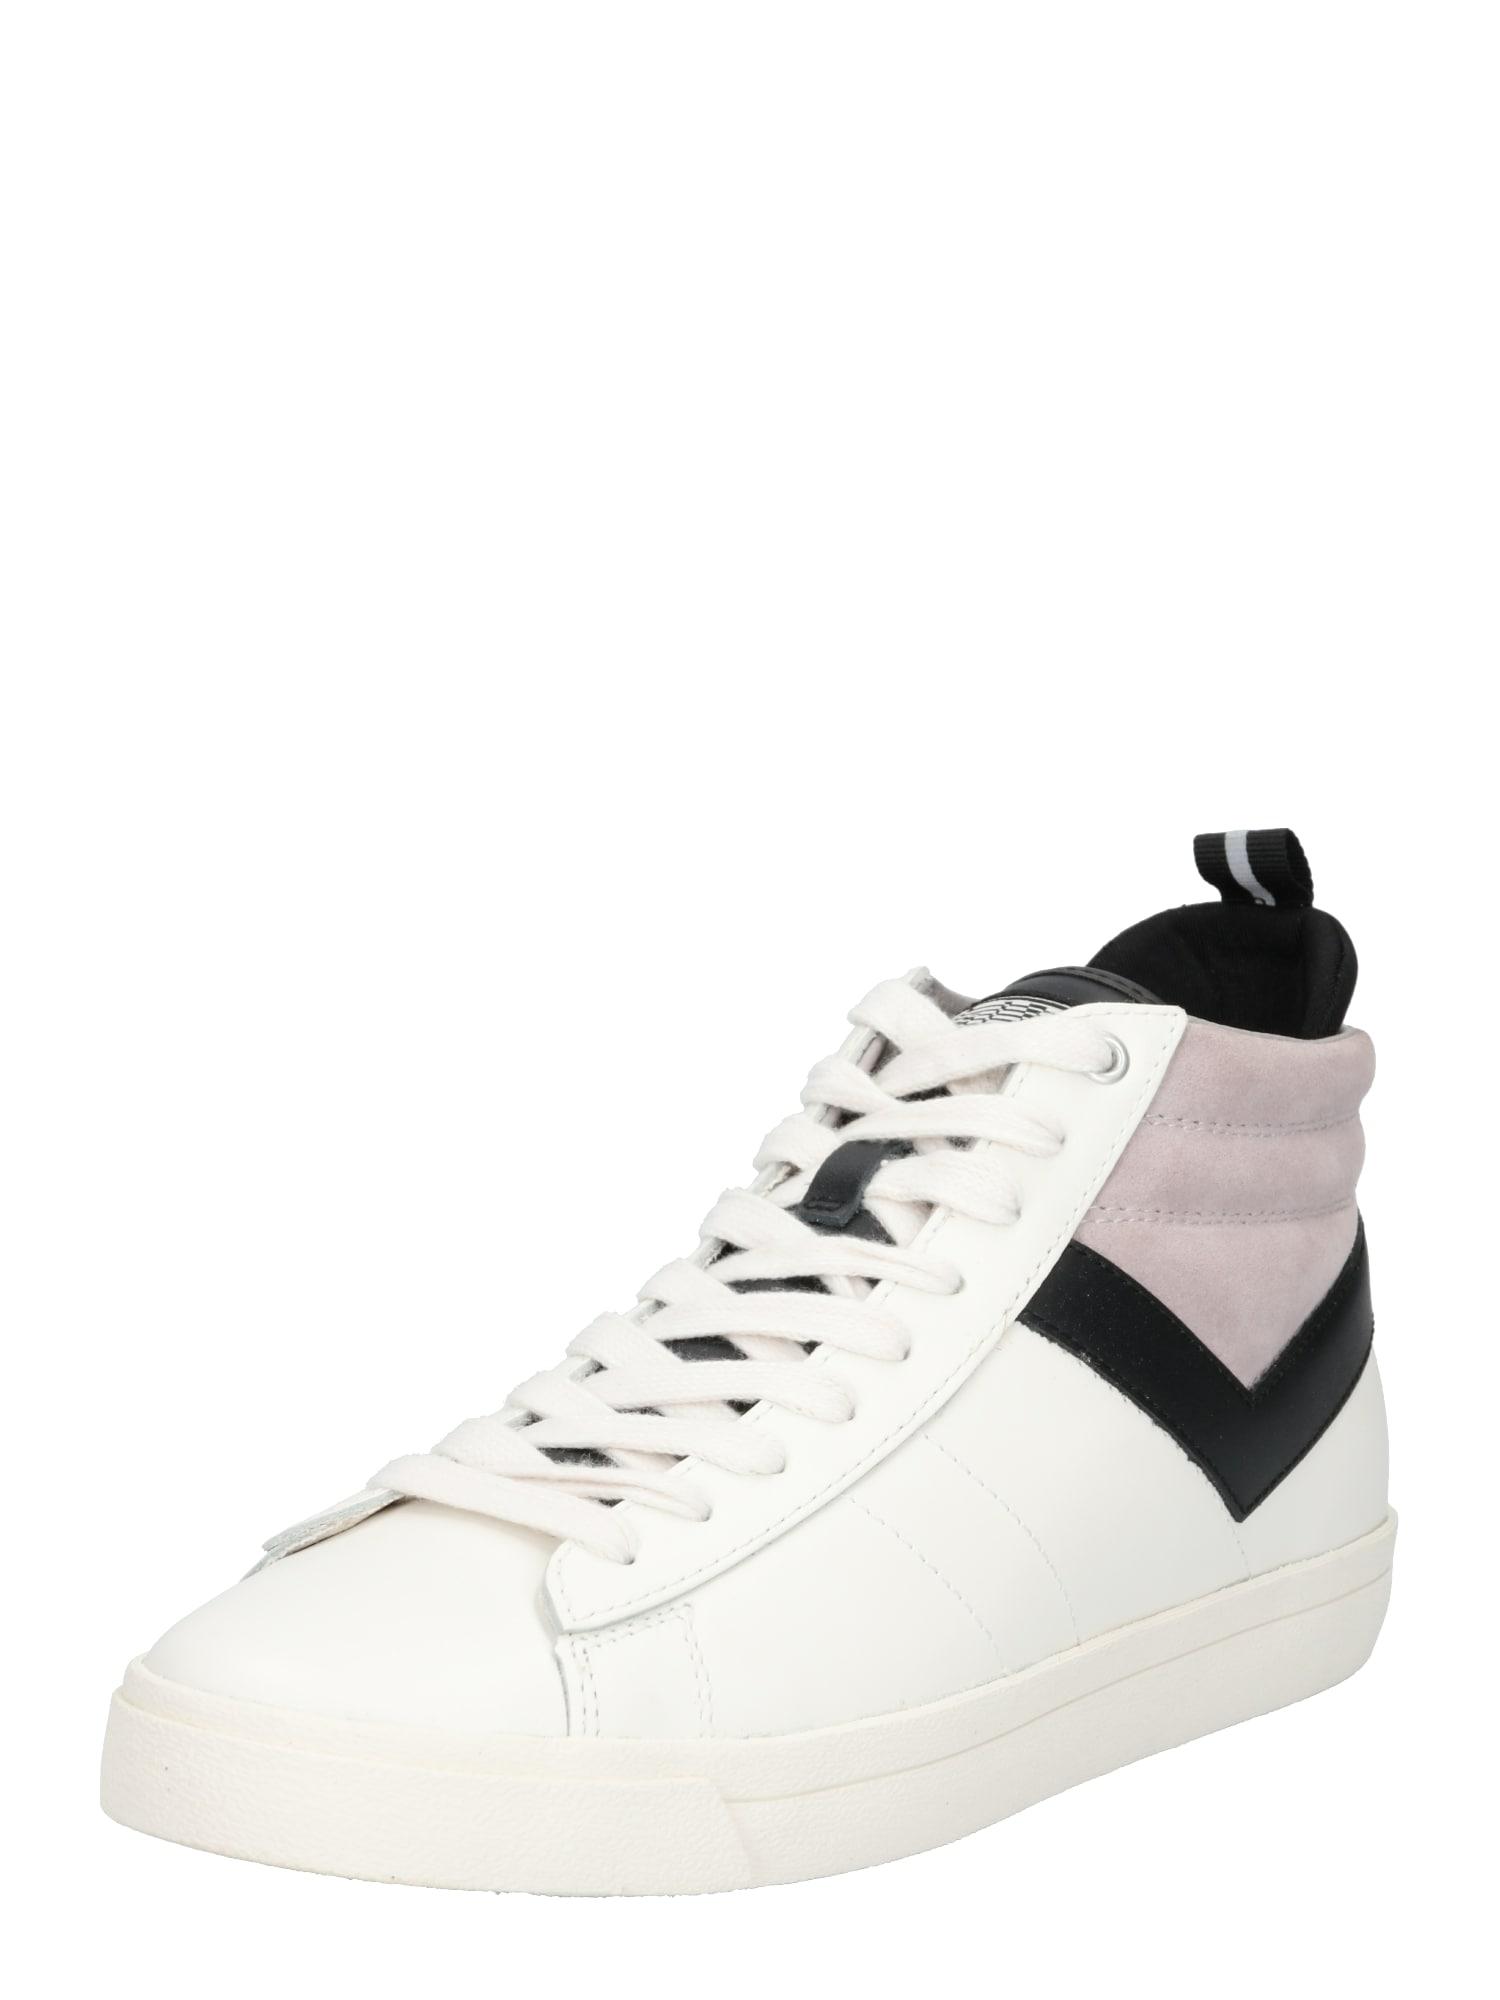 Kotníkové tenisky TOPSTAR šedá černá bílá PONY